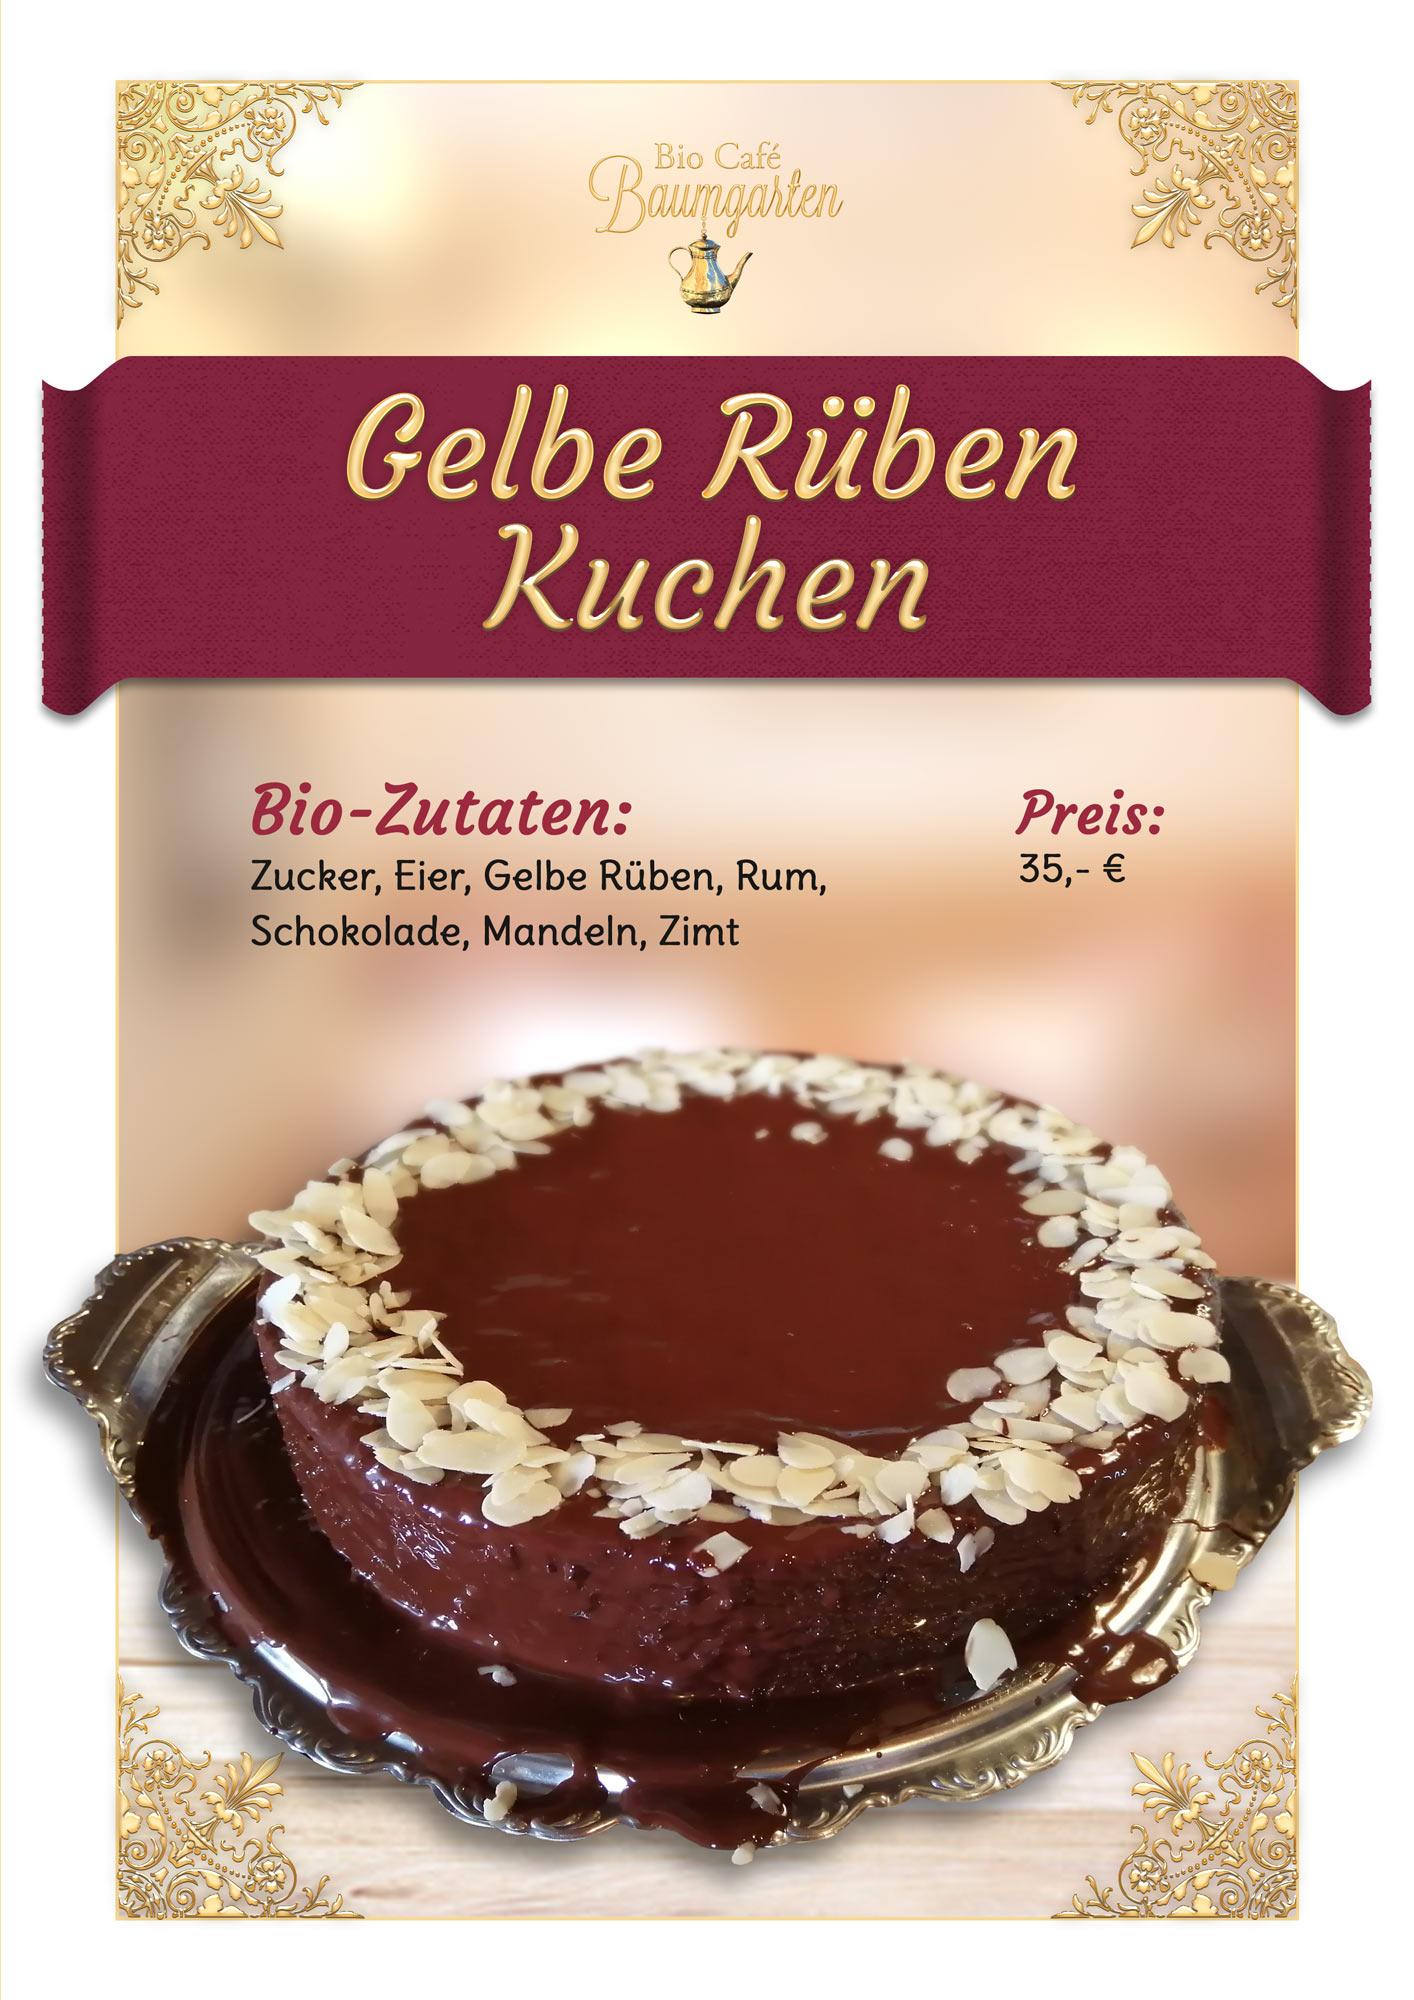 Gelbe-Rueben-Kuchen